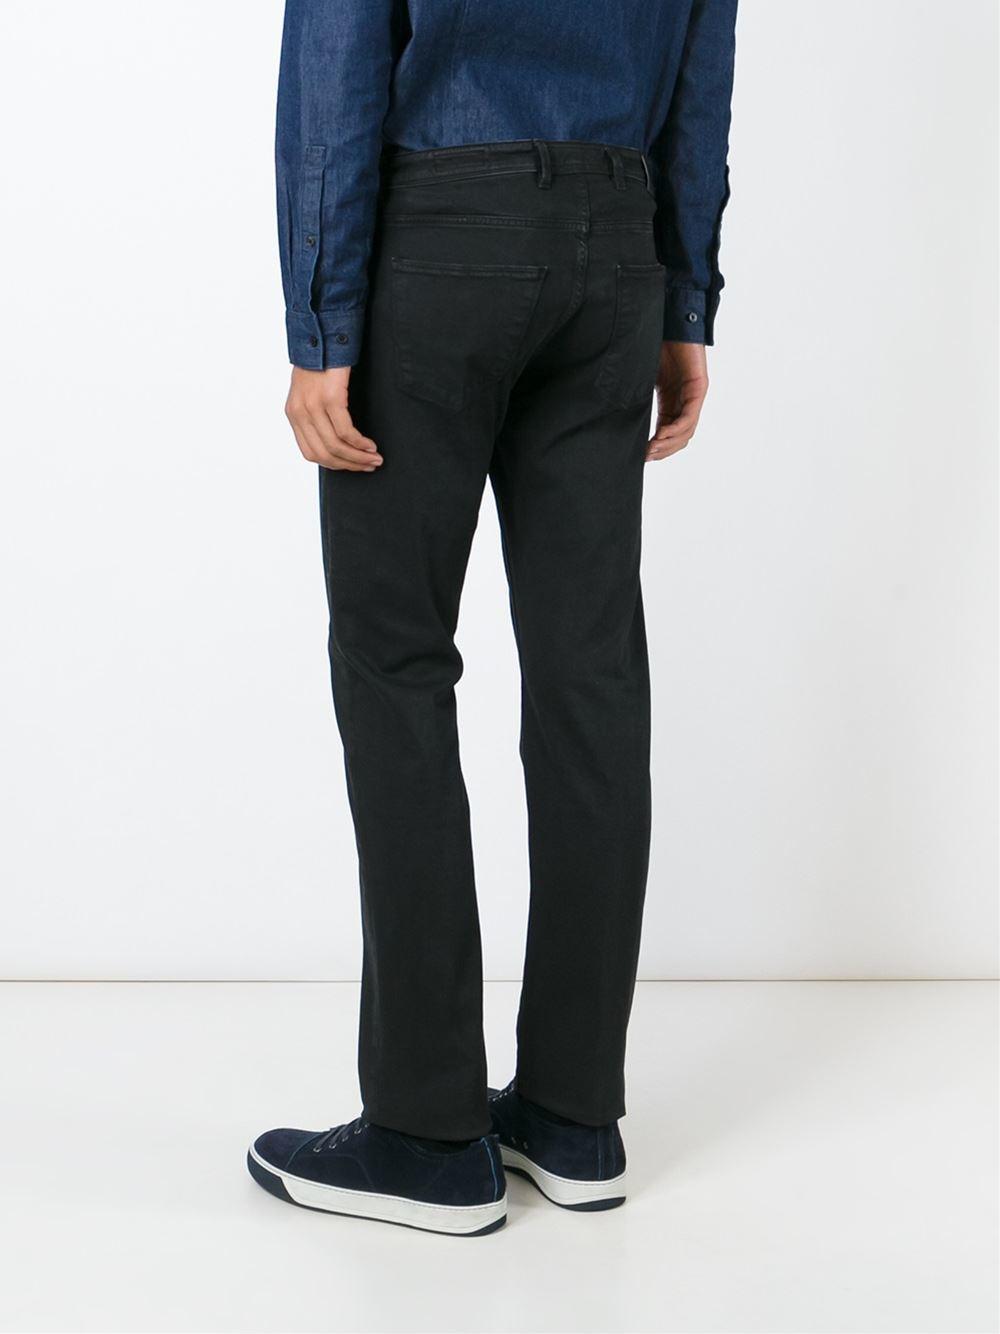 Pt05 Classic Straight Leg Jeans in Black for Men